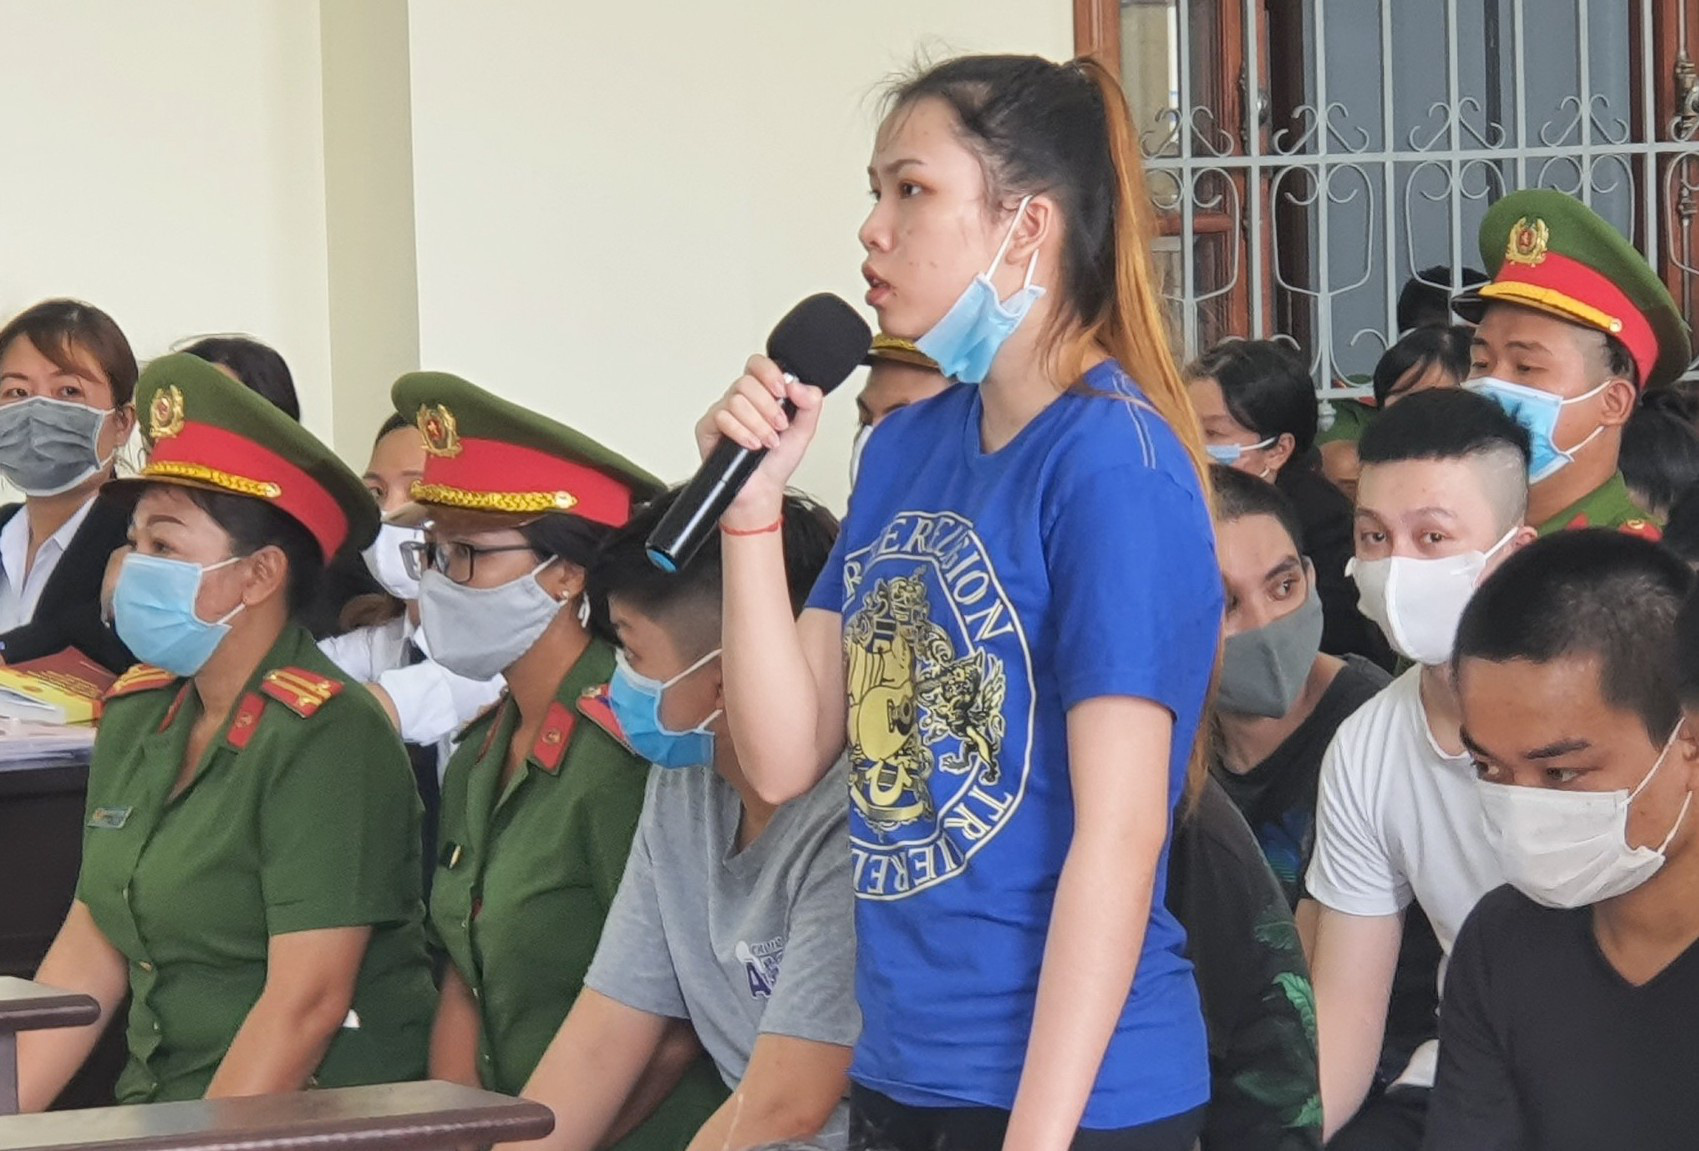 Cô gái 18 tuổi cầm đầu nhóm chém người ở Cần Thơ - Ảnh 1.